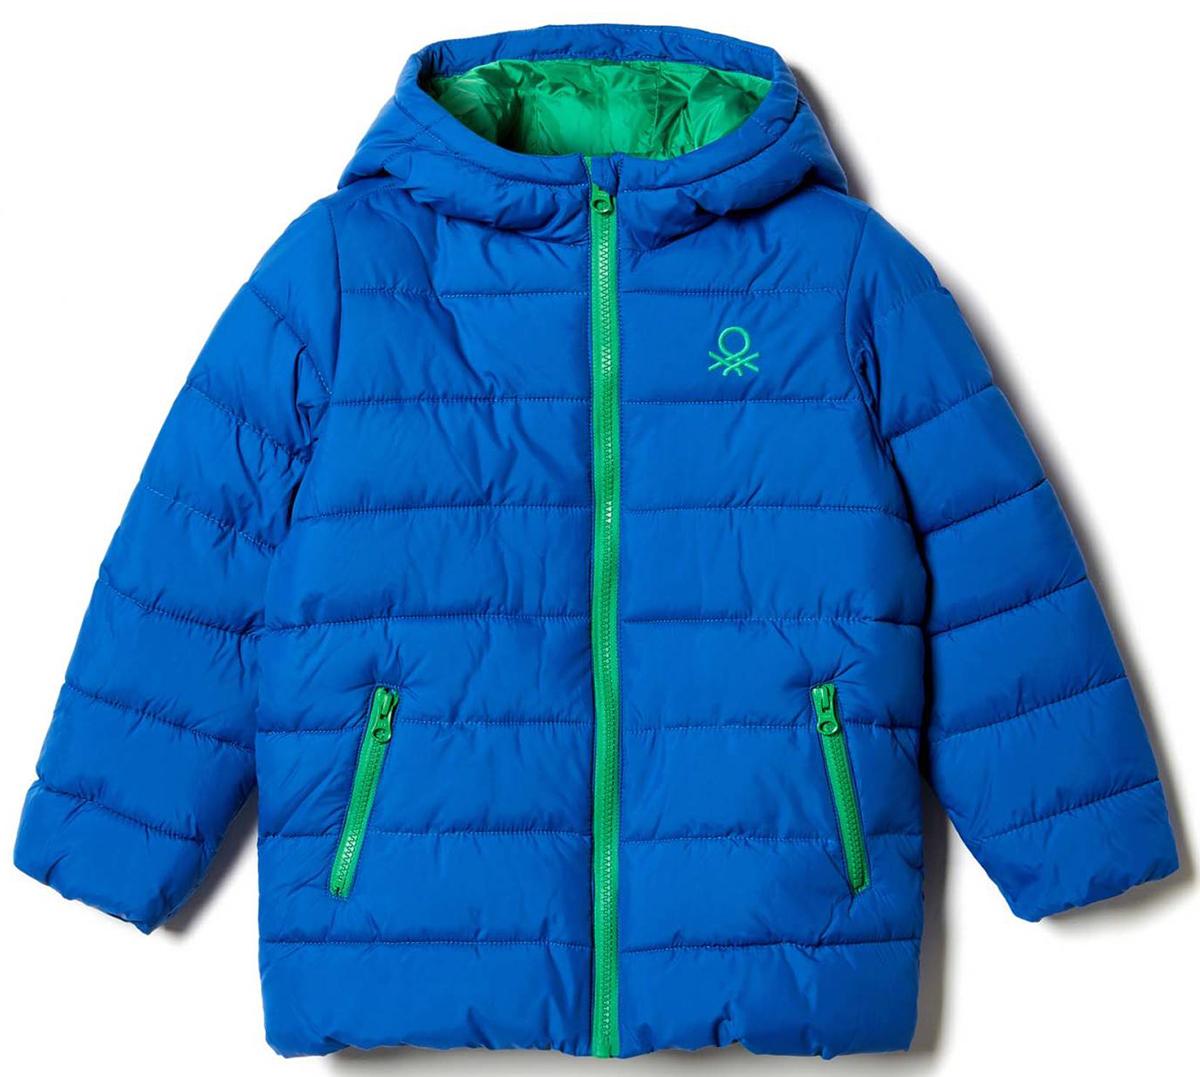 Куртка для мальчика United Colors of Benetton, цвет: синий. 2WU0539Q0_33M. Размер 1302WU0539Q0_33MКуртка для мальчика United Colors of Benetton выполнена из полиэстера. Модель с капюшоном и длинными рукавами застегивается на застежку-молнию.